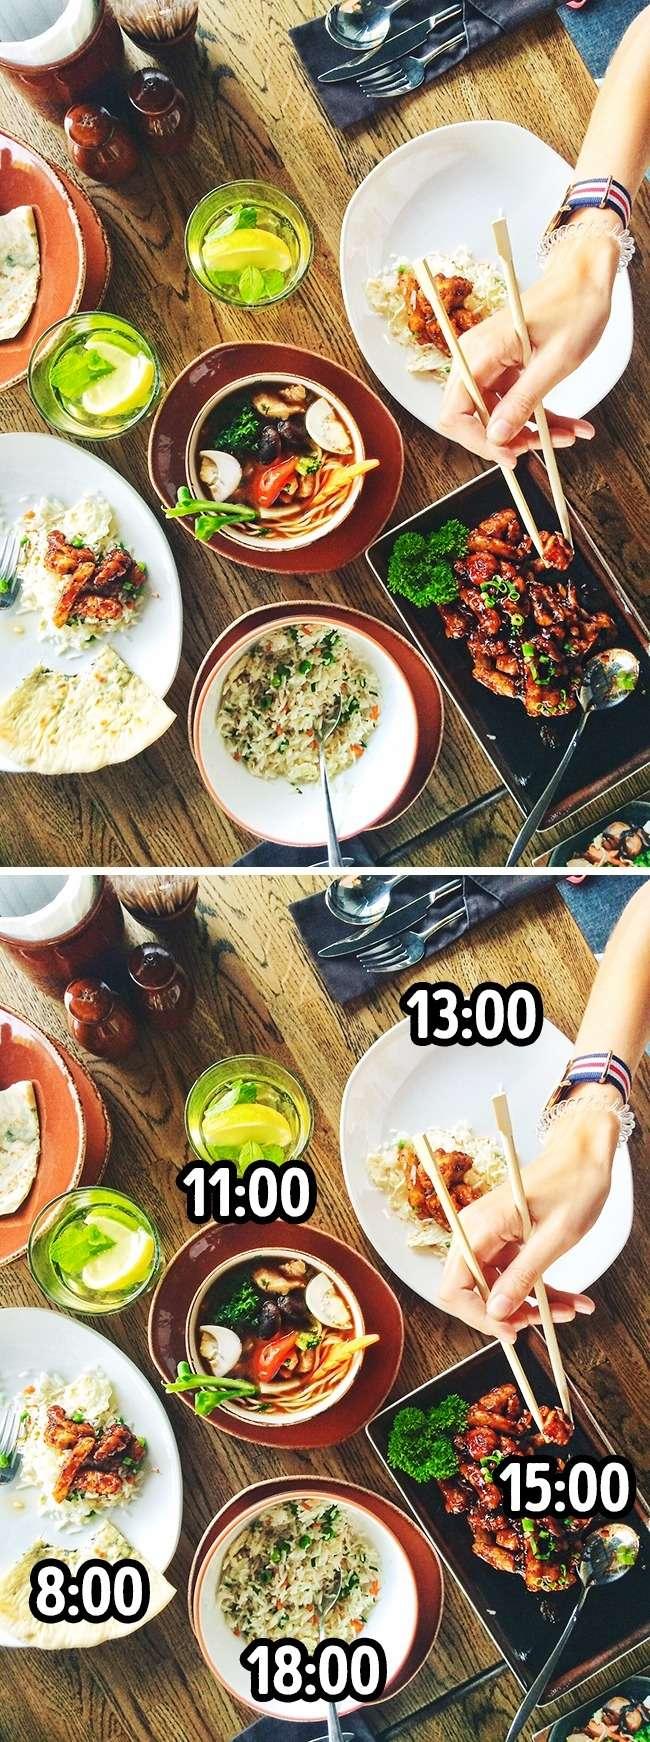 10причин постоянного чувства голода